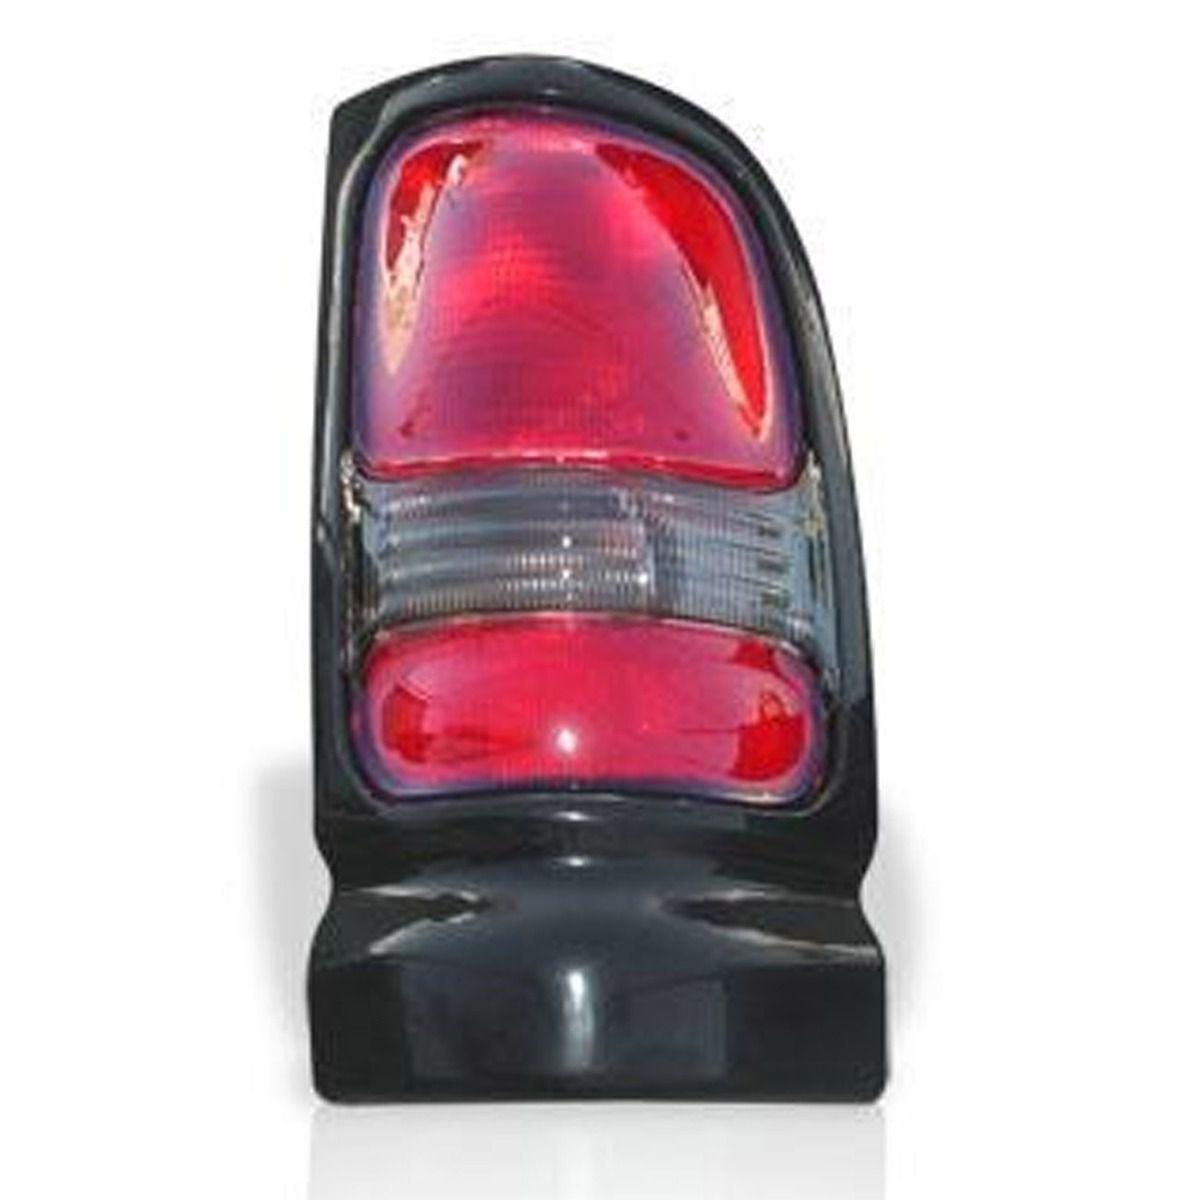 Lanterna Traseira Dodge Ram 94 A 01